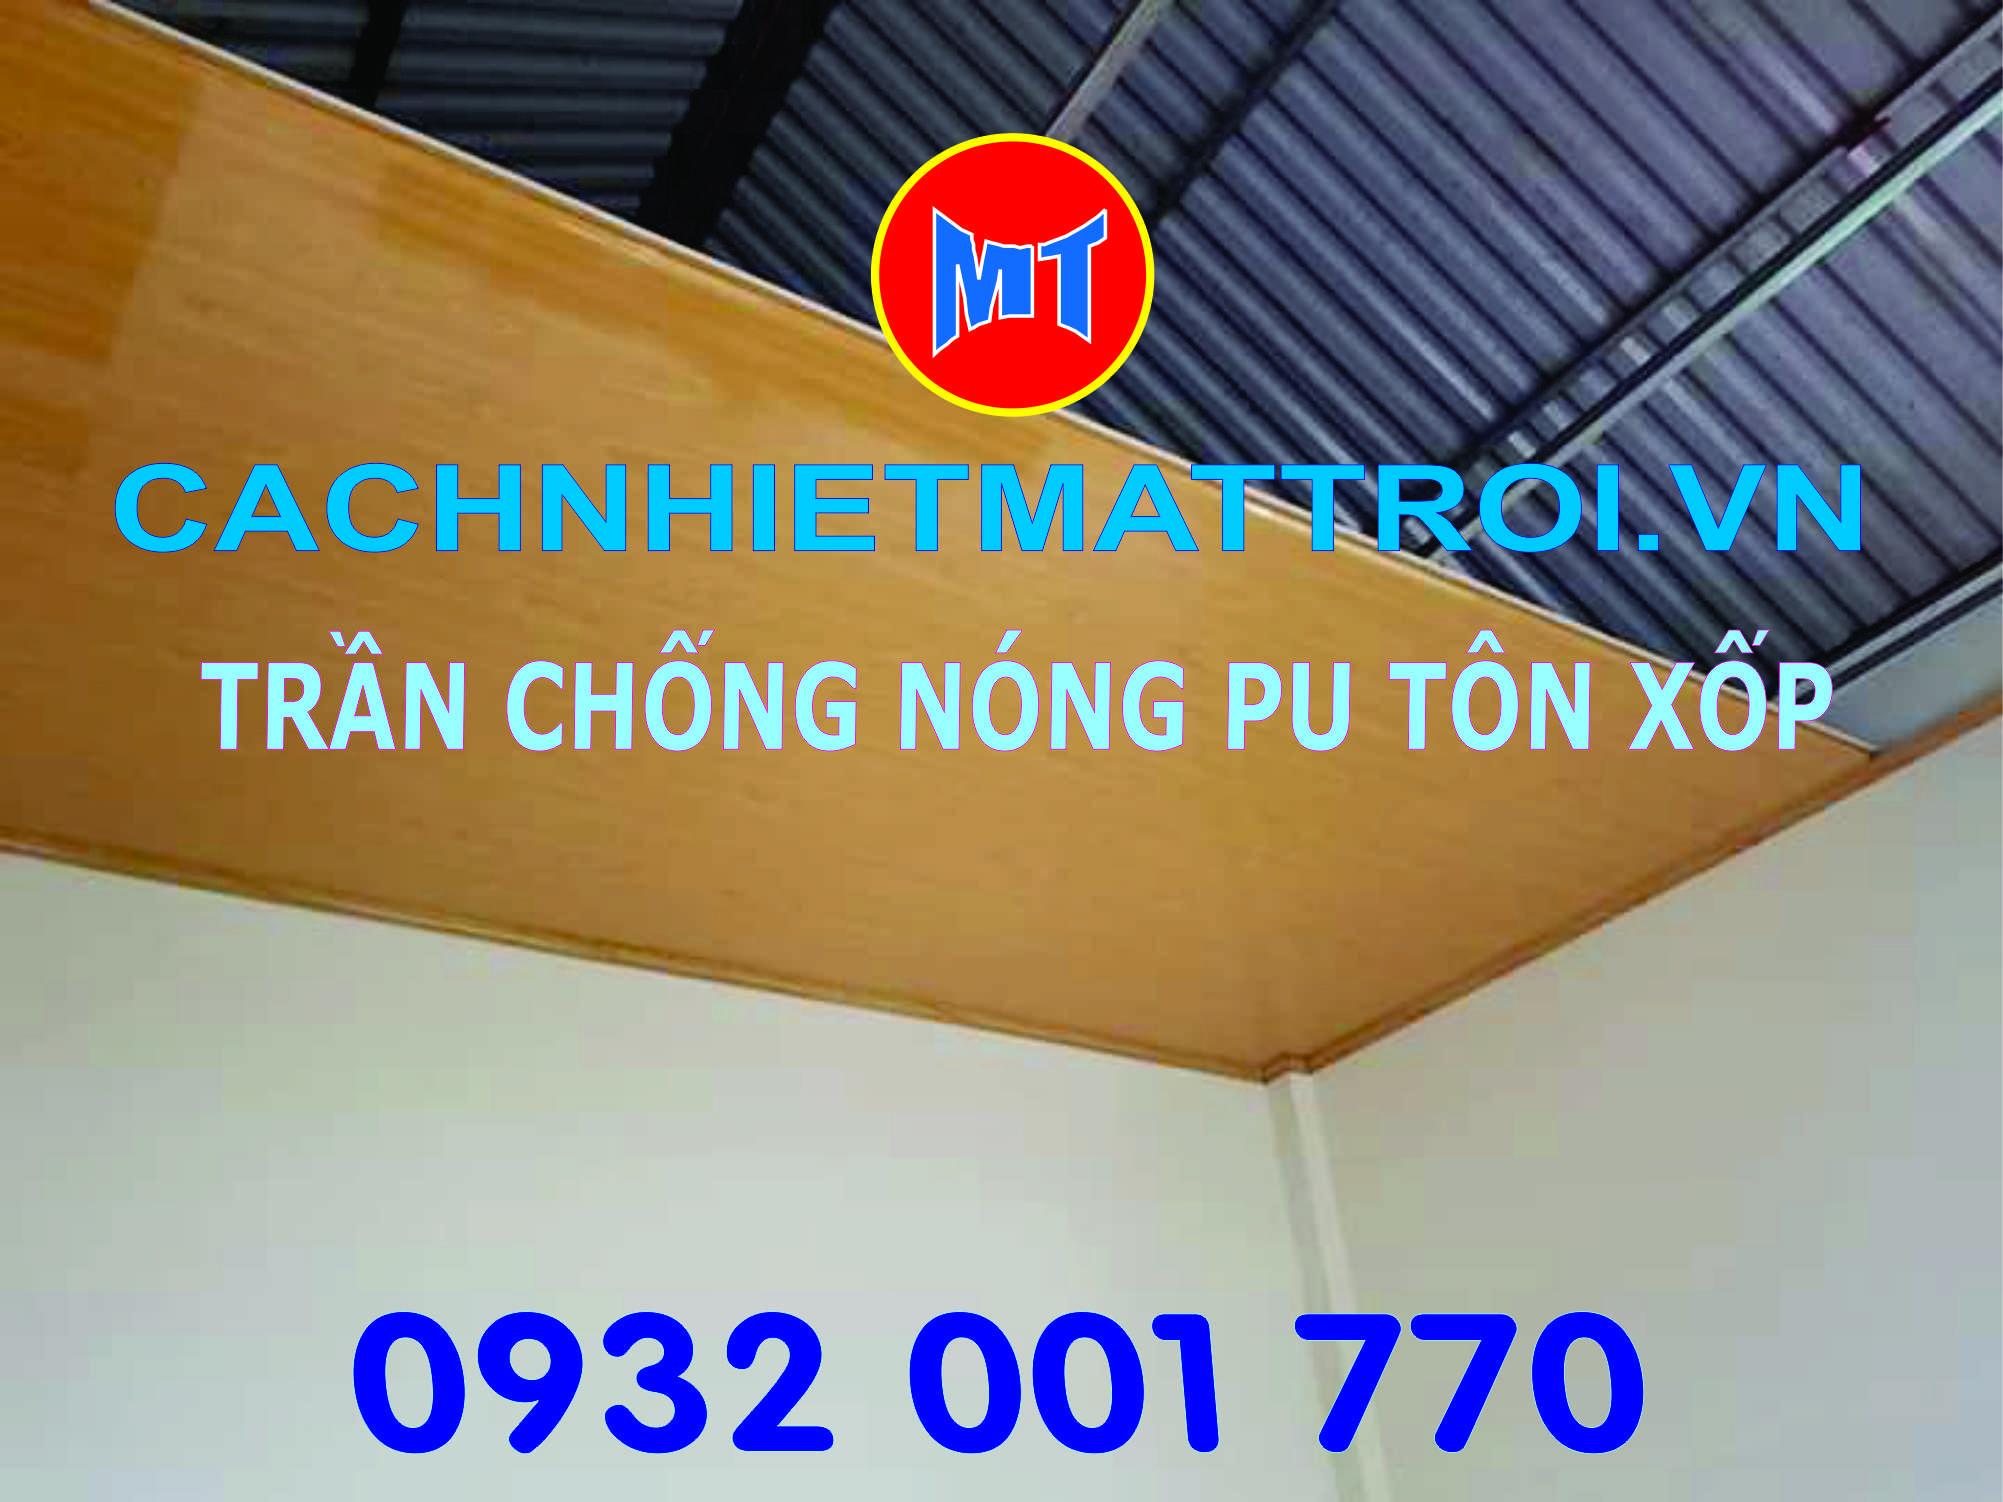 hình 3 Tấm cánh nhiệt lõi PU mặt tôn làm trần nhà vách tường chống nóng